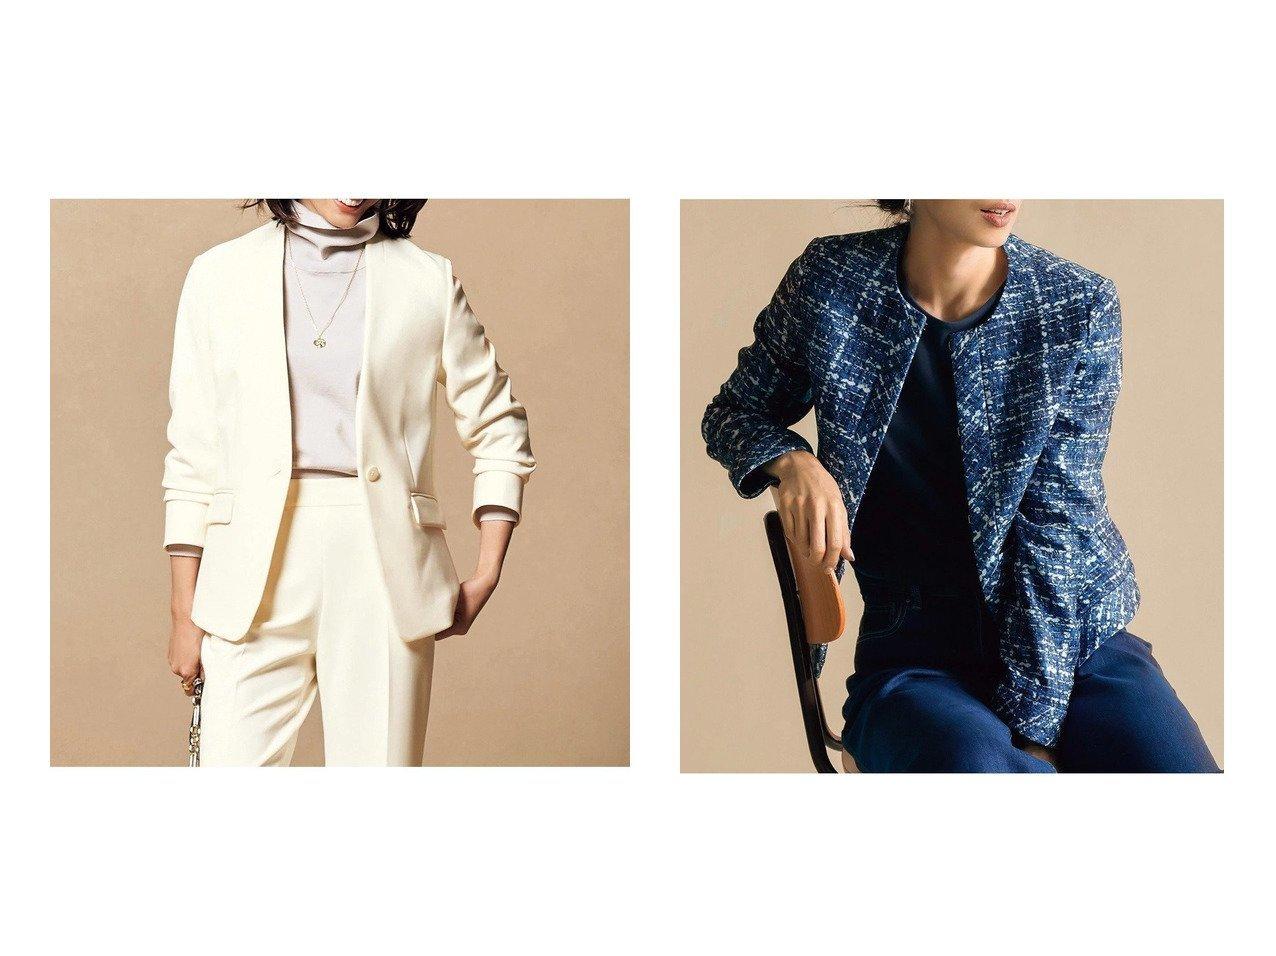 【DoCLASSE/ドゥクラッセ】のななこ織・トリムジャケット&プレミアム二重織・ノーカラージャケット ドゥクラッセの40代、50代の方におすすめ!人気トレンド・ファッションの通販 おすすめで人気の流行・トレンド、ファッションの通販商品 メンズファッション・キッズファッション・インテリア・家具・レディースファッション・服の通販 founy(ファニー) https://founy.com/ ファッション Fashion レディースファッション WOMEN アウター Coat Outerwear ジャケット Jackets ノーカラージャケット No Collar Leather Jackets なめらか カッティング コンパクト ジャケット ストレッチ フォルム プレミアム ワイド ツイード プリント リアル |ID:crp329100000021633